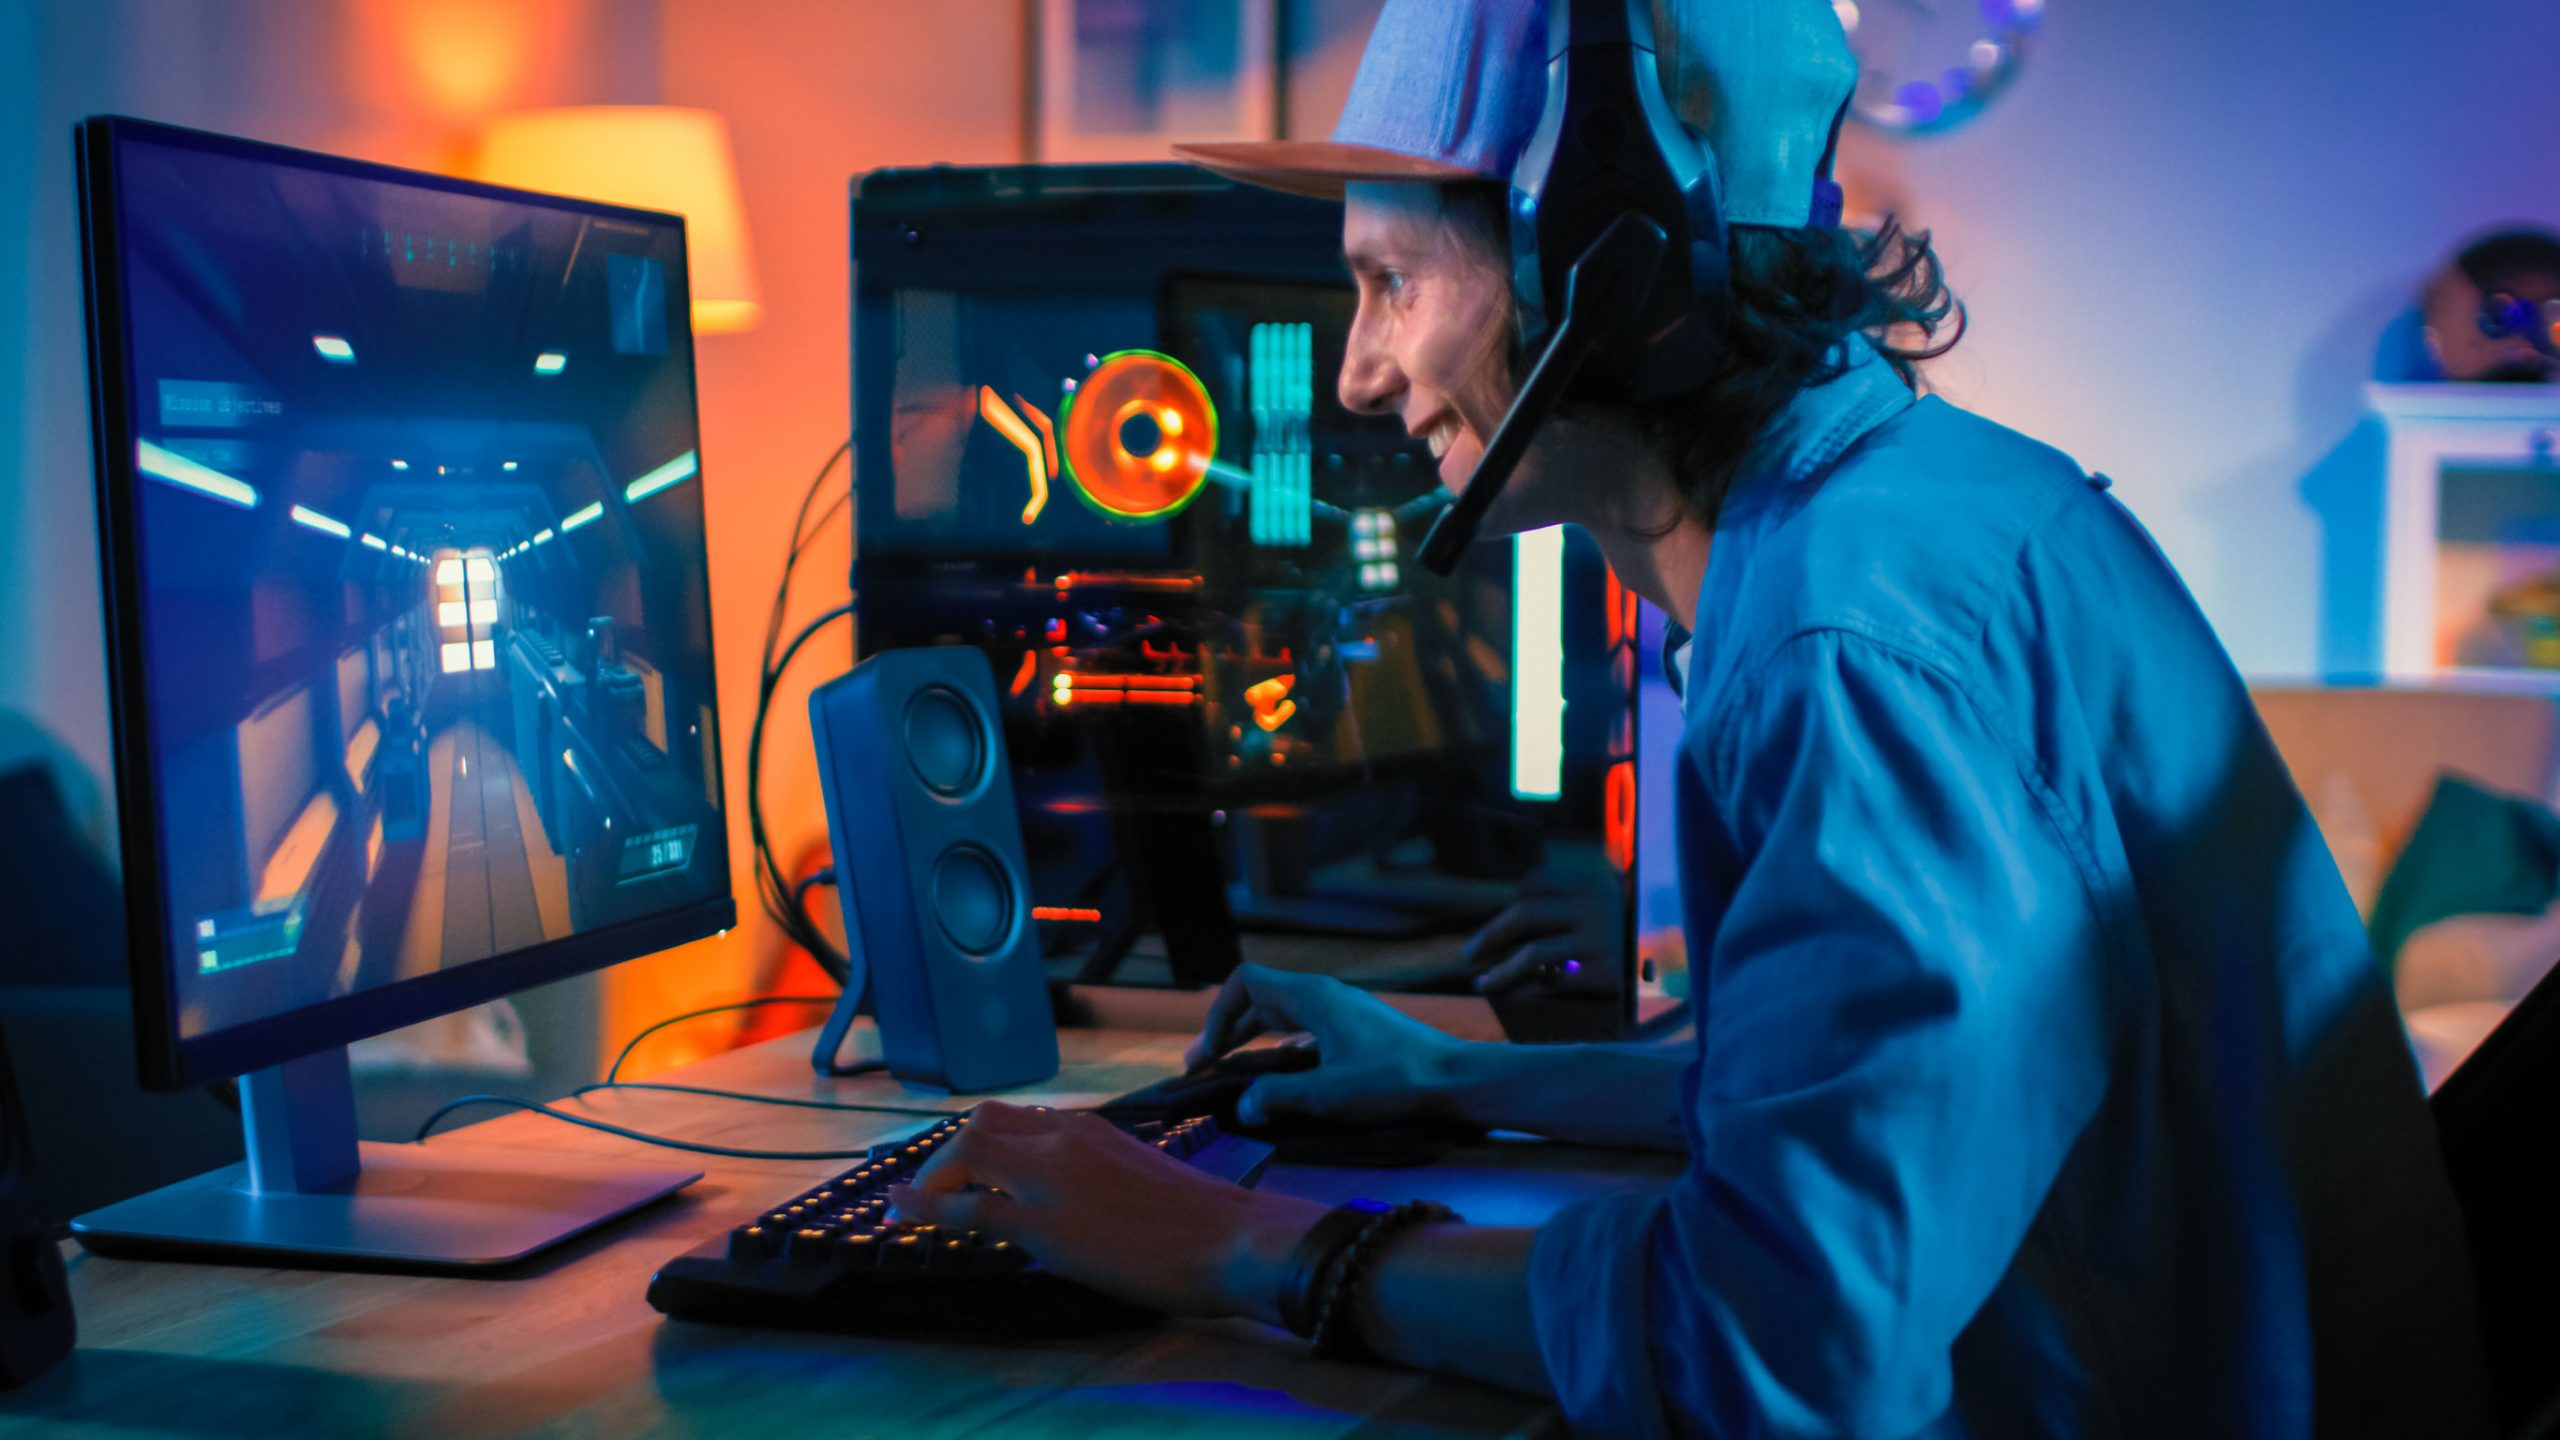 Jugador profesional que juega a un videojuego de disparos en primera persona en línea en su potente computadora personal